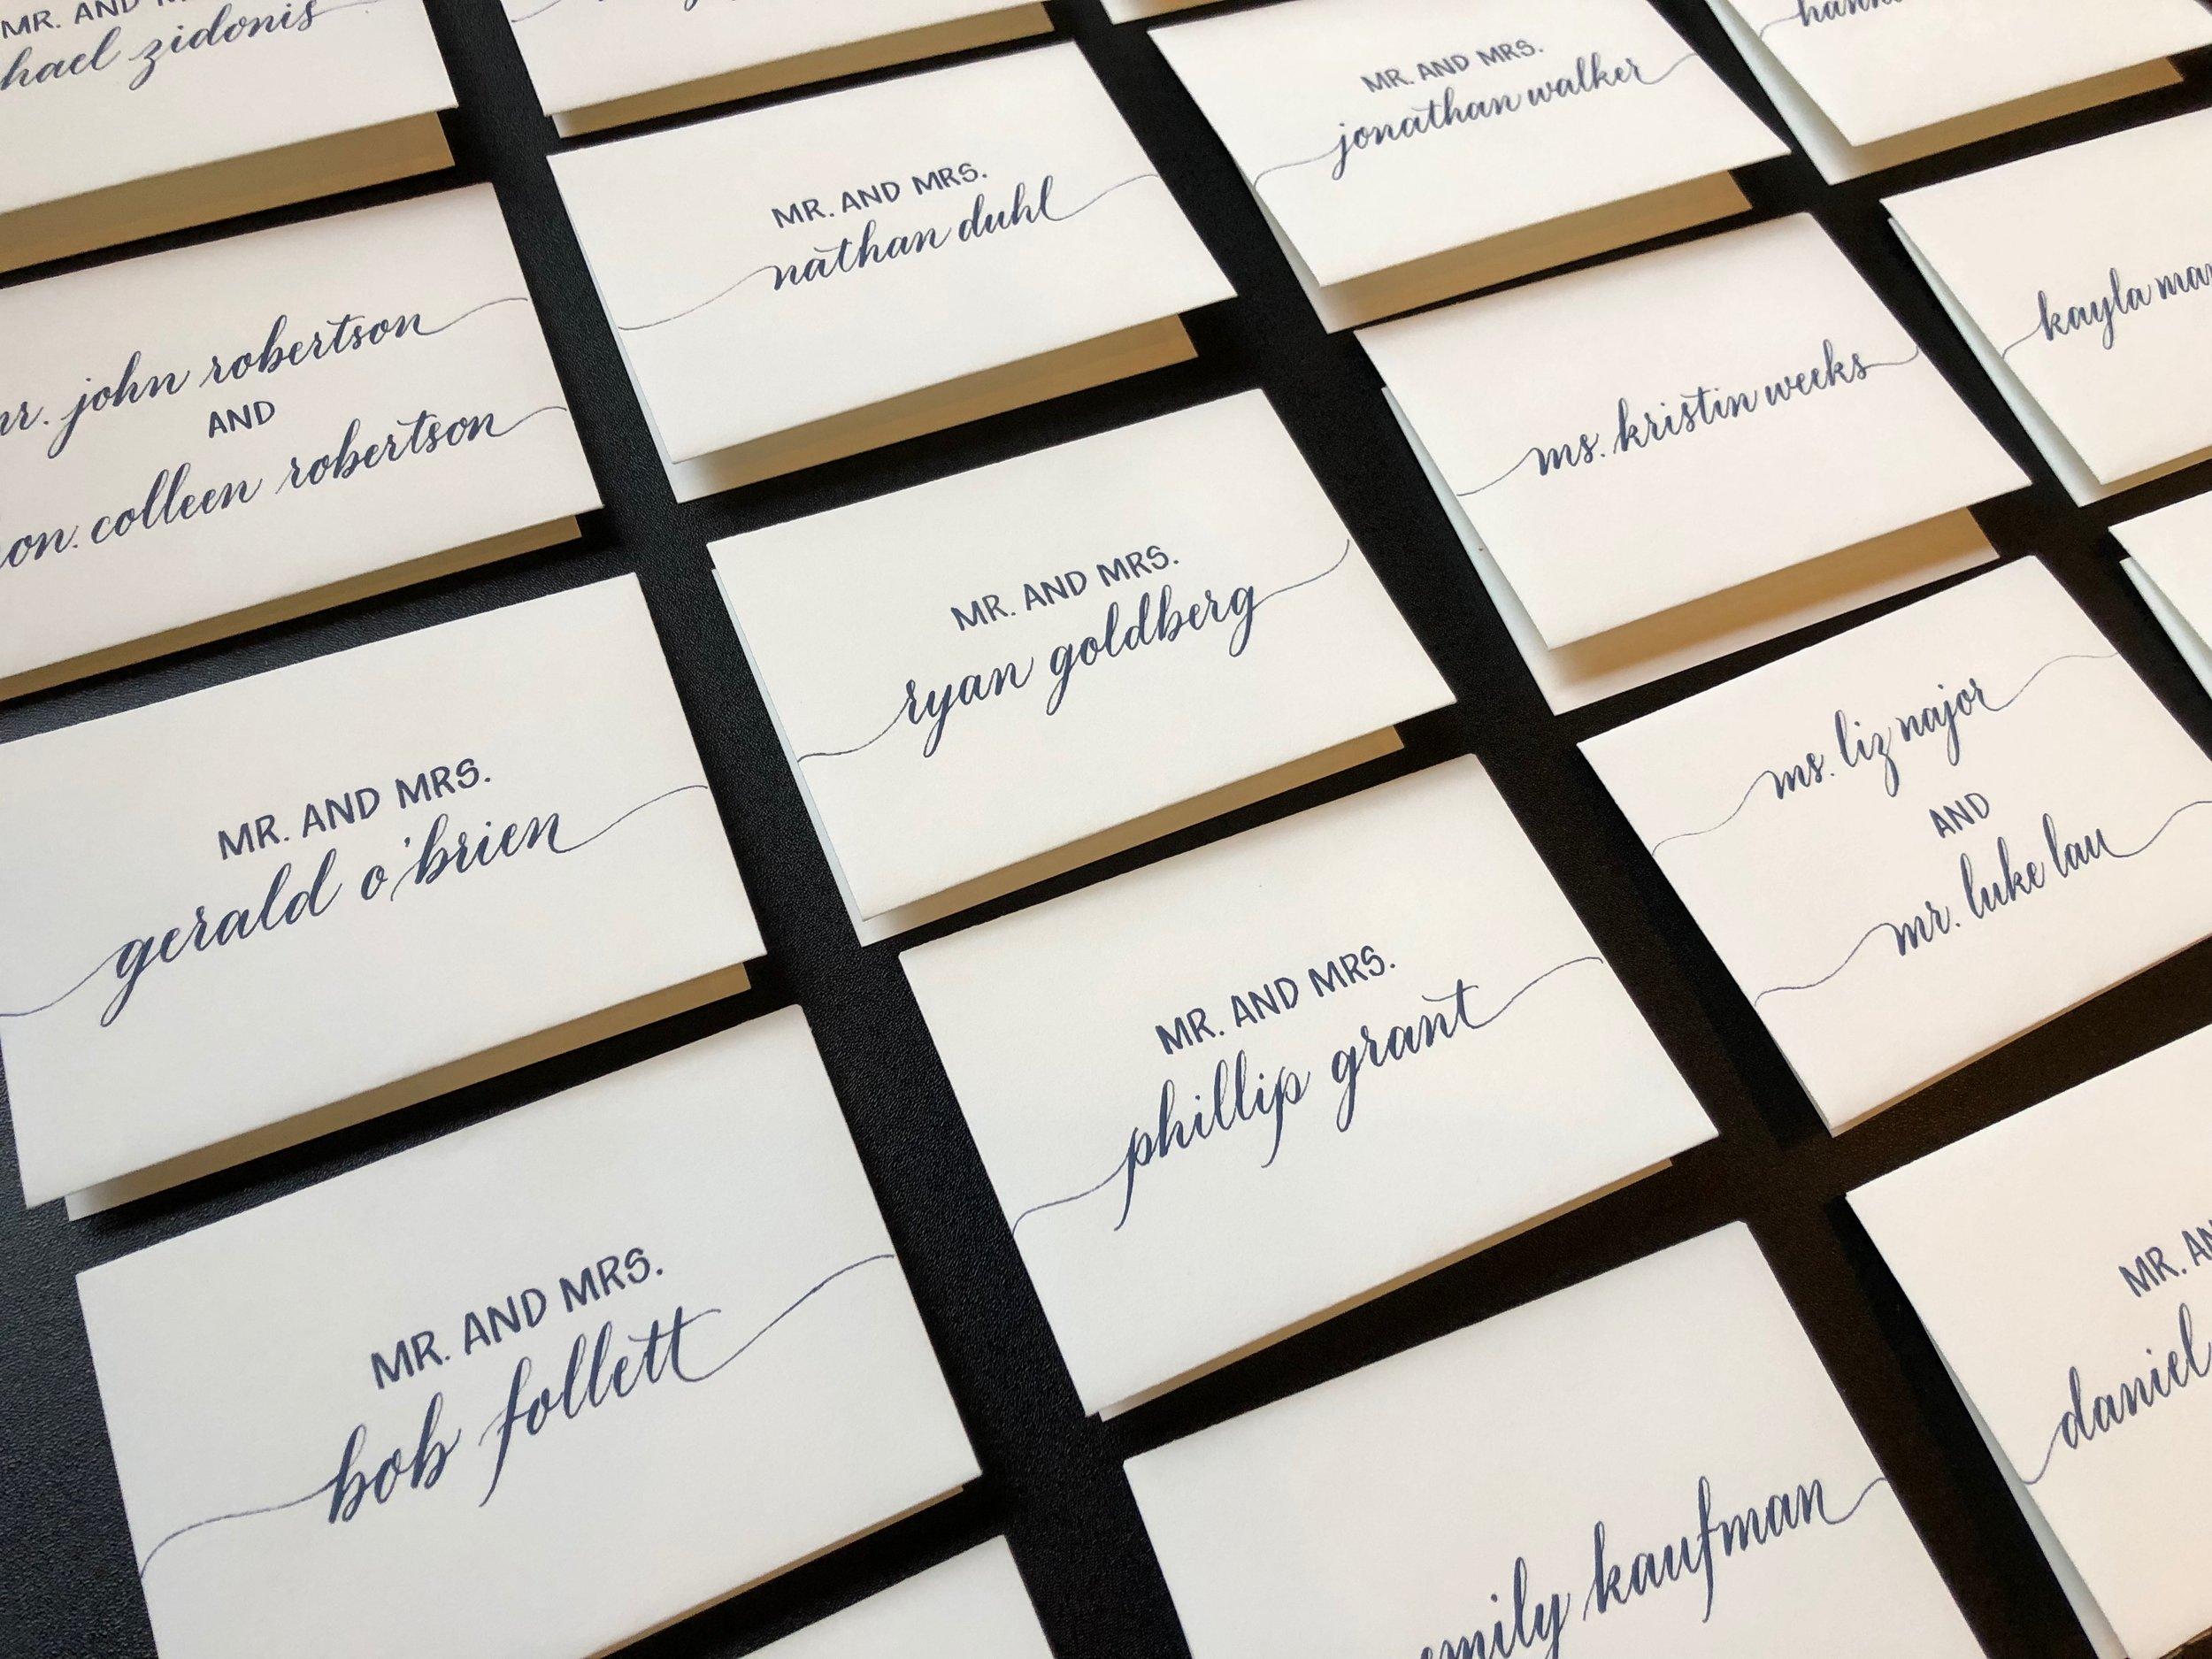 Lankfer-Tully escort card envelopes (3).JPG